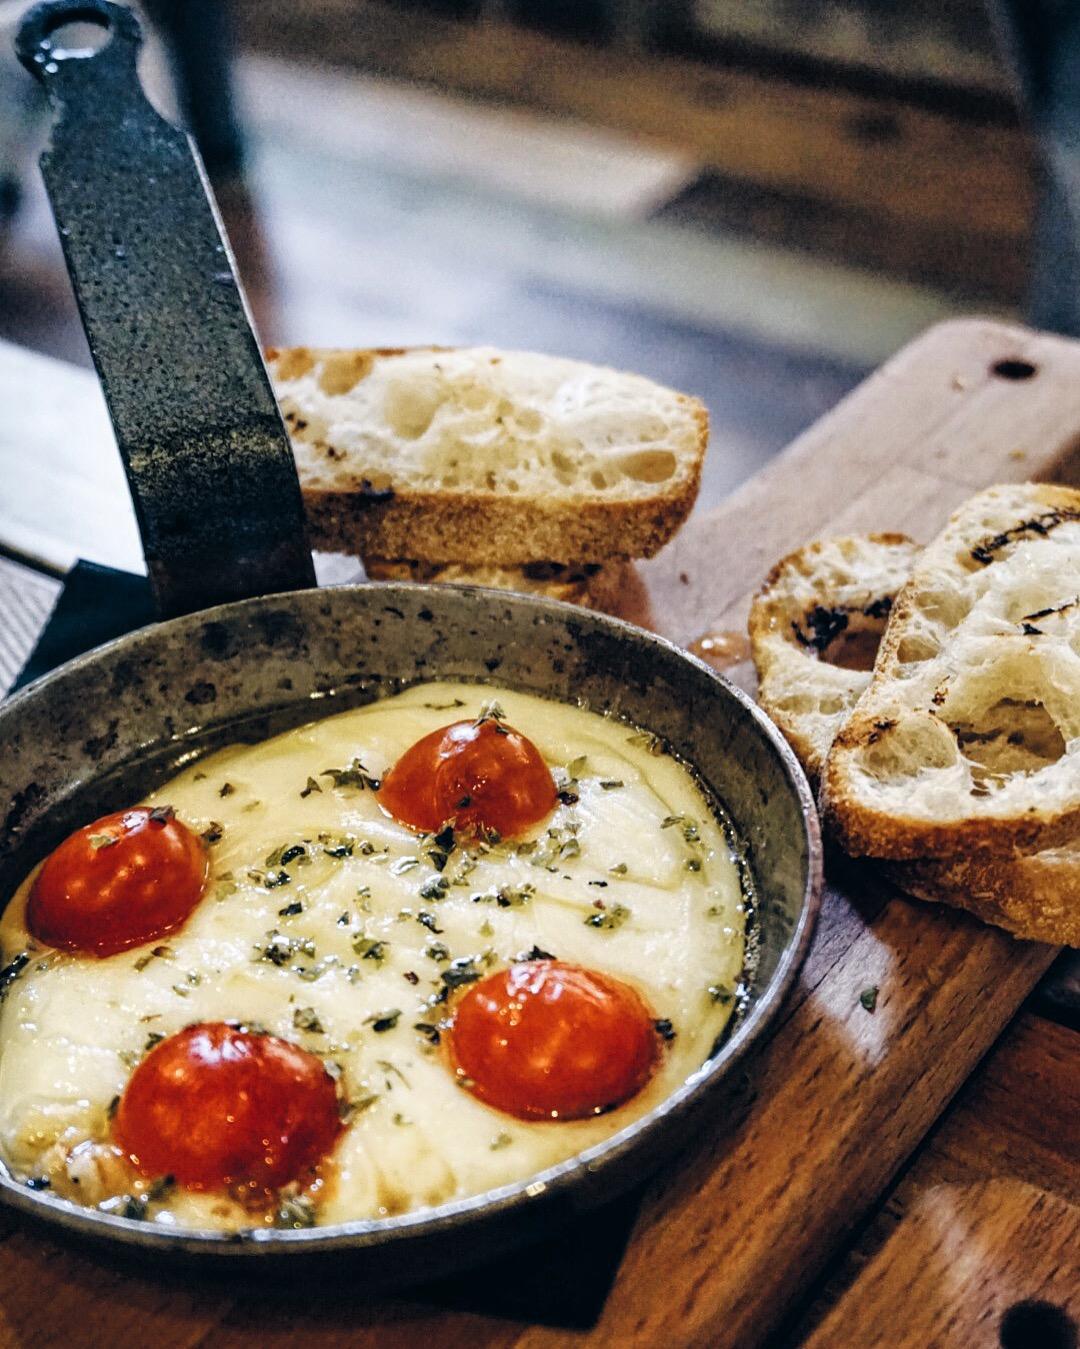 Provolone cheese at La Tavernicola Barcelona